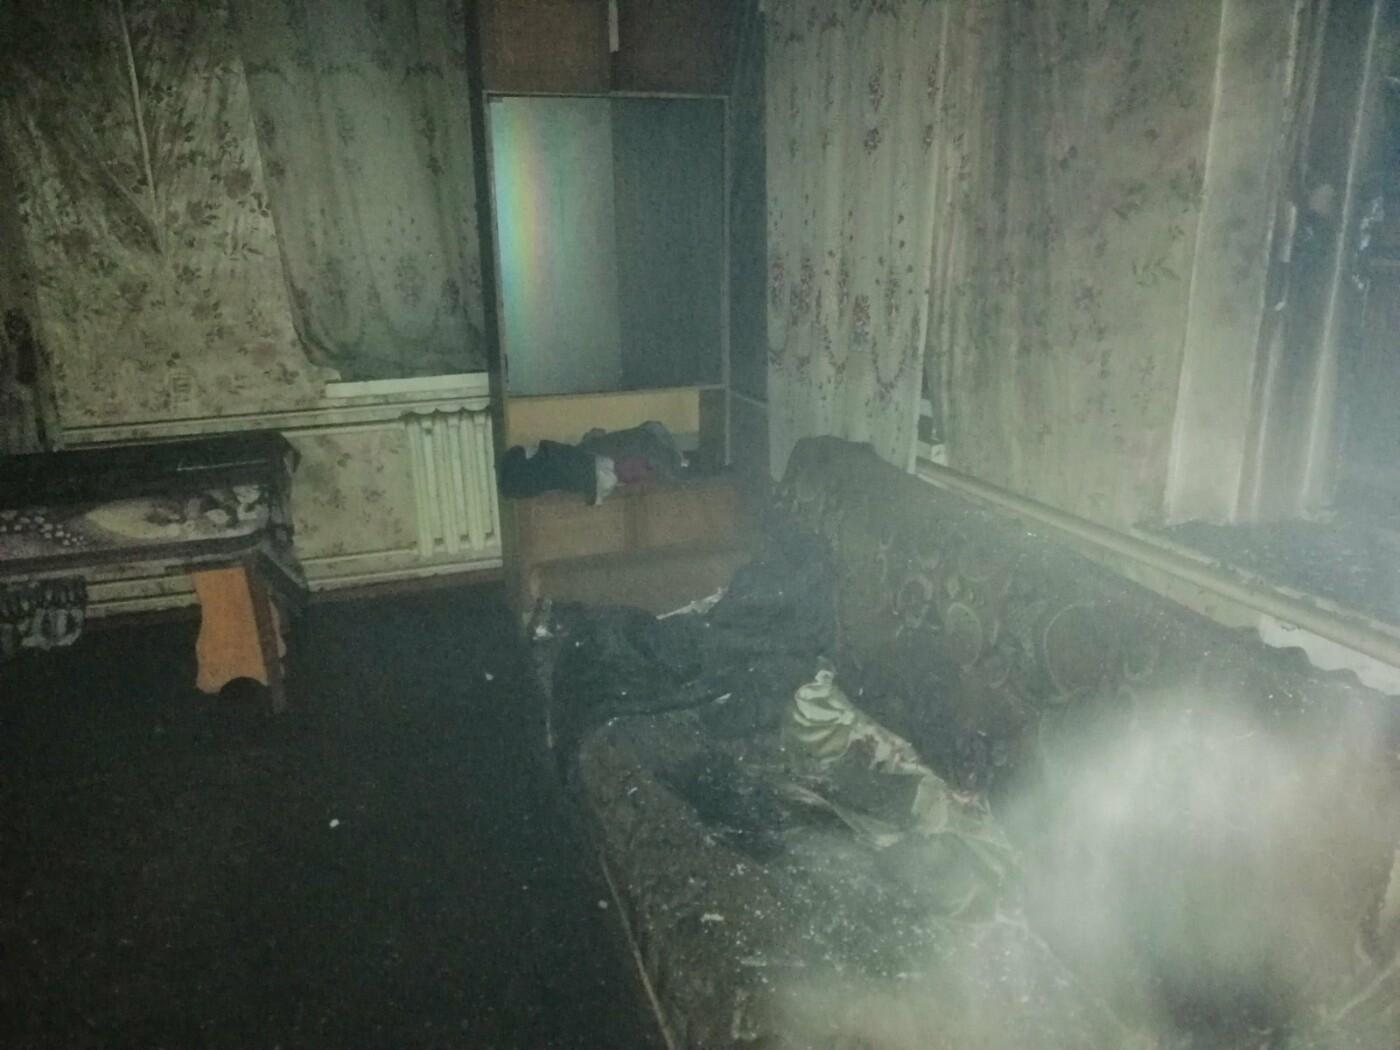 Под Харьковом при тушении пожала спасатели обнаружили тело пенсионерки, - ФОТО, фото-2